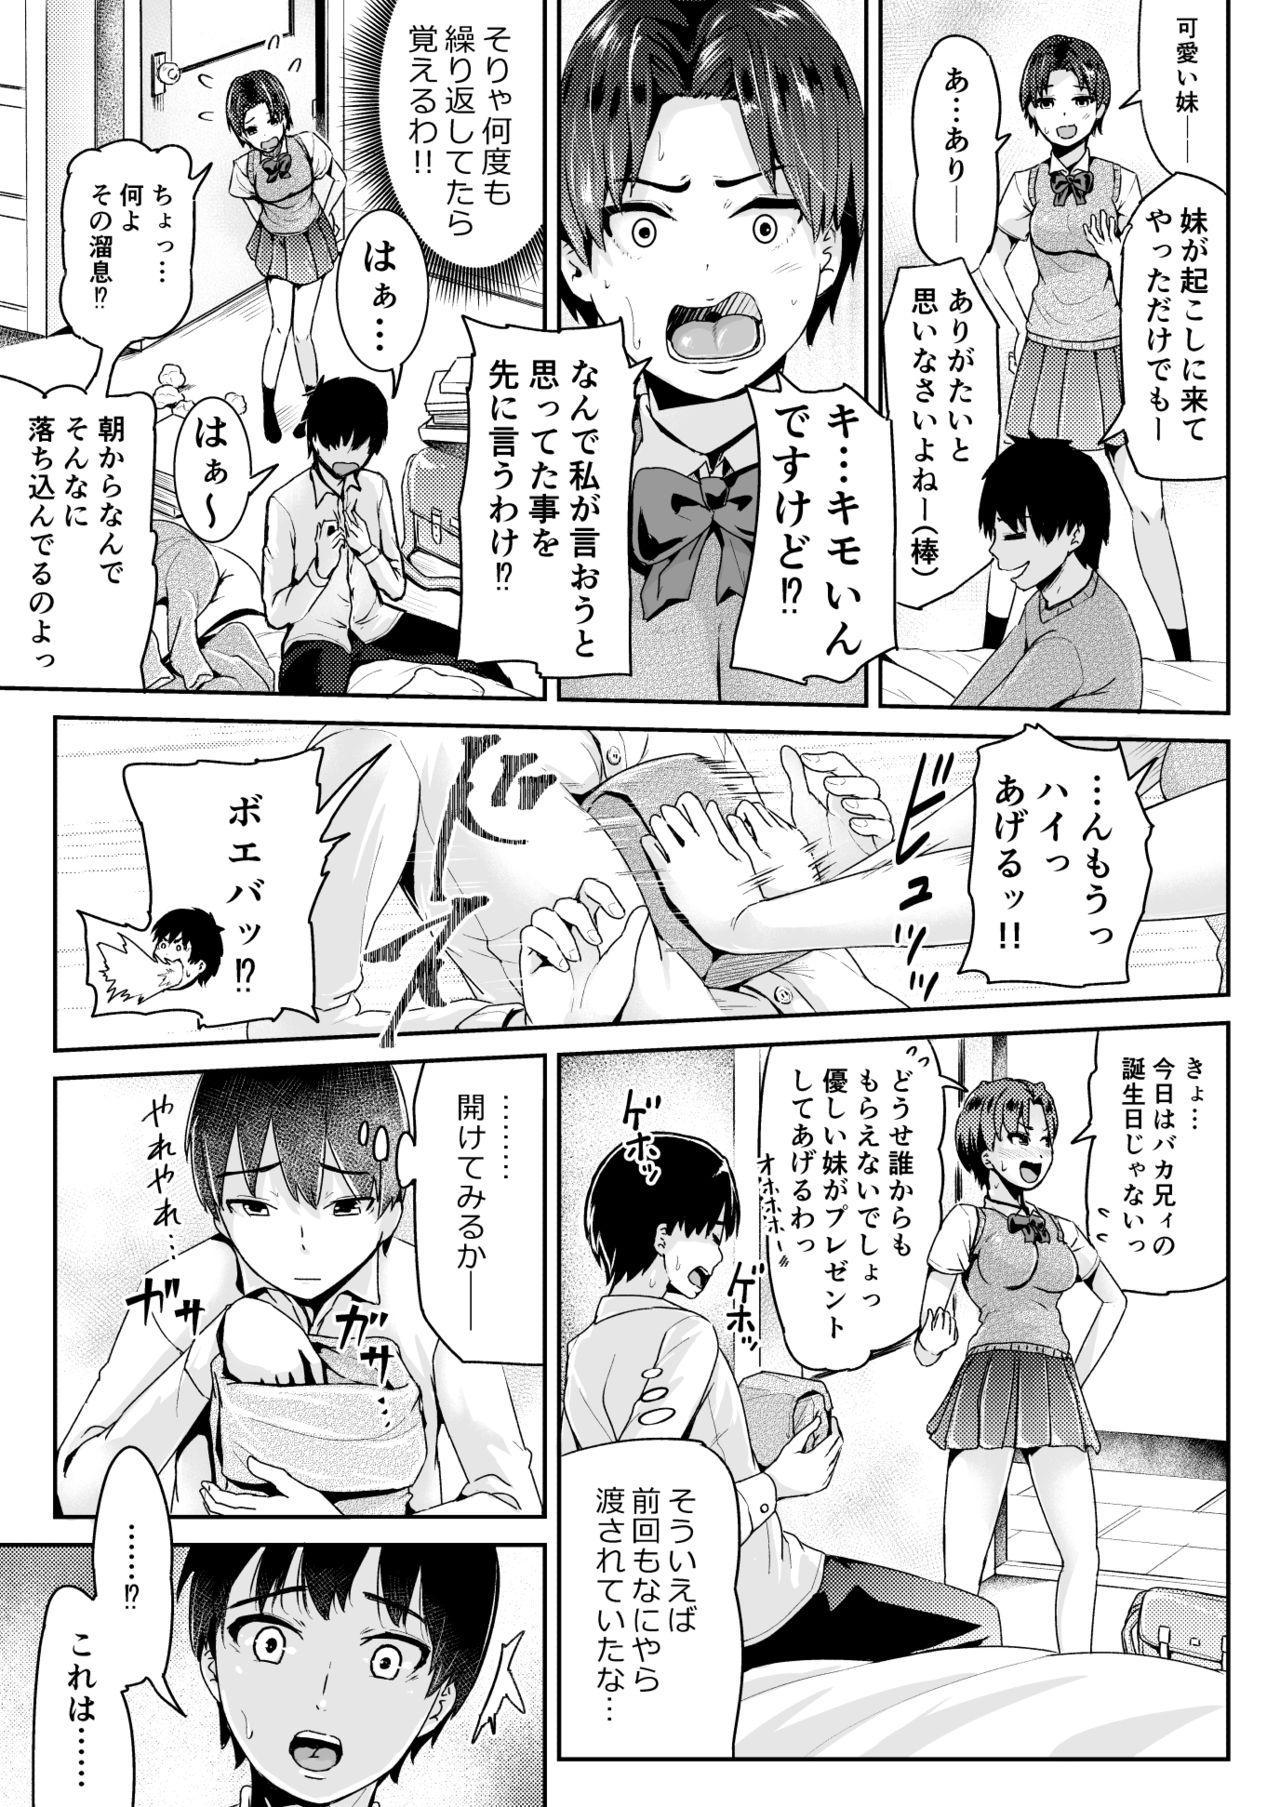 Doutei no Ore o Yuuwaku suru Ecchi na Joshi-tachi!? 8 7